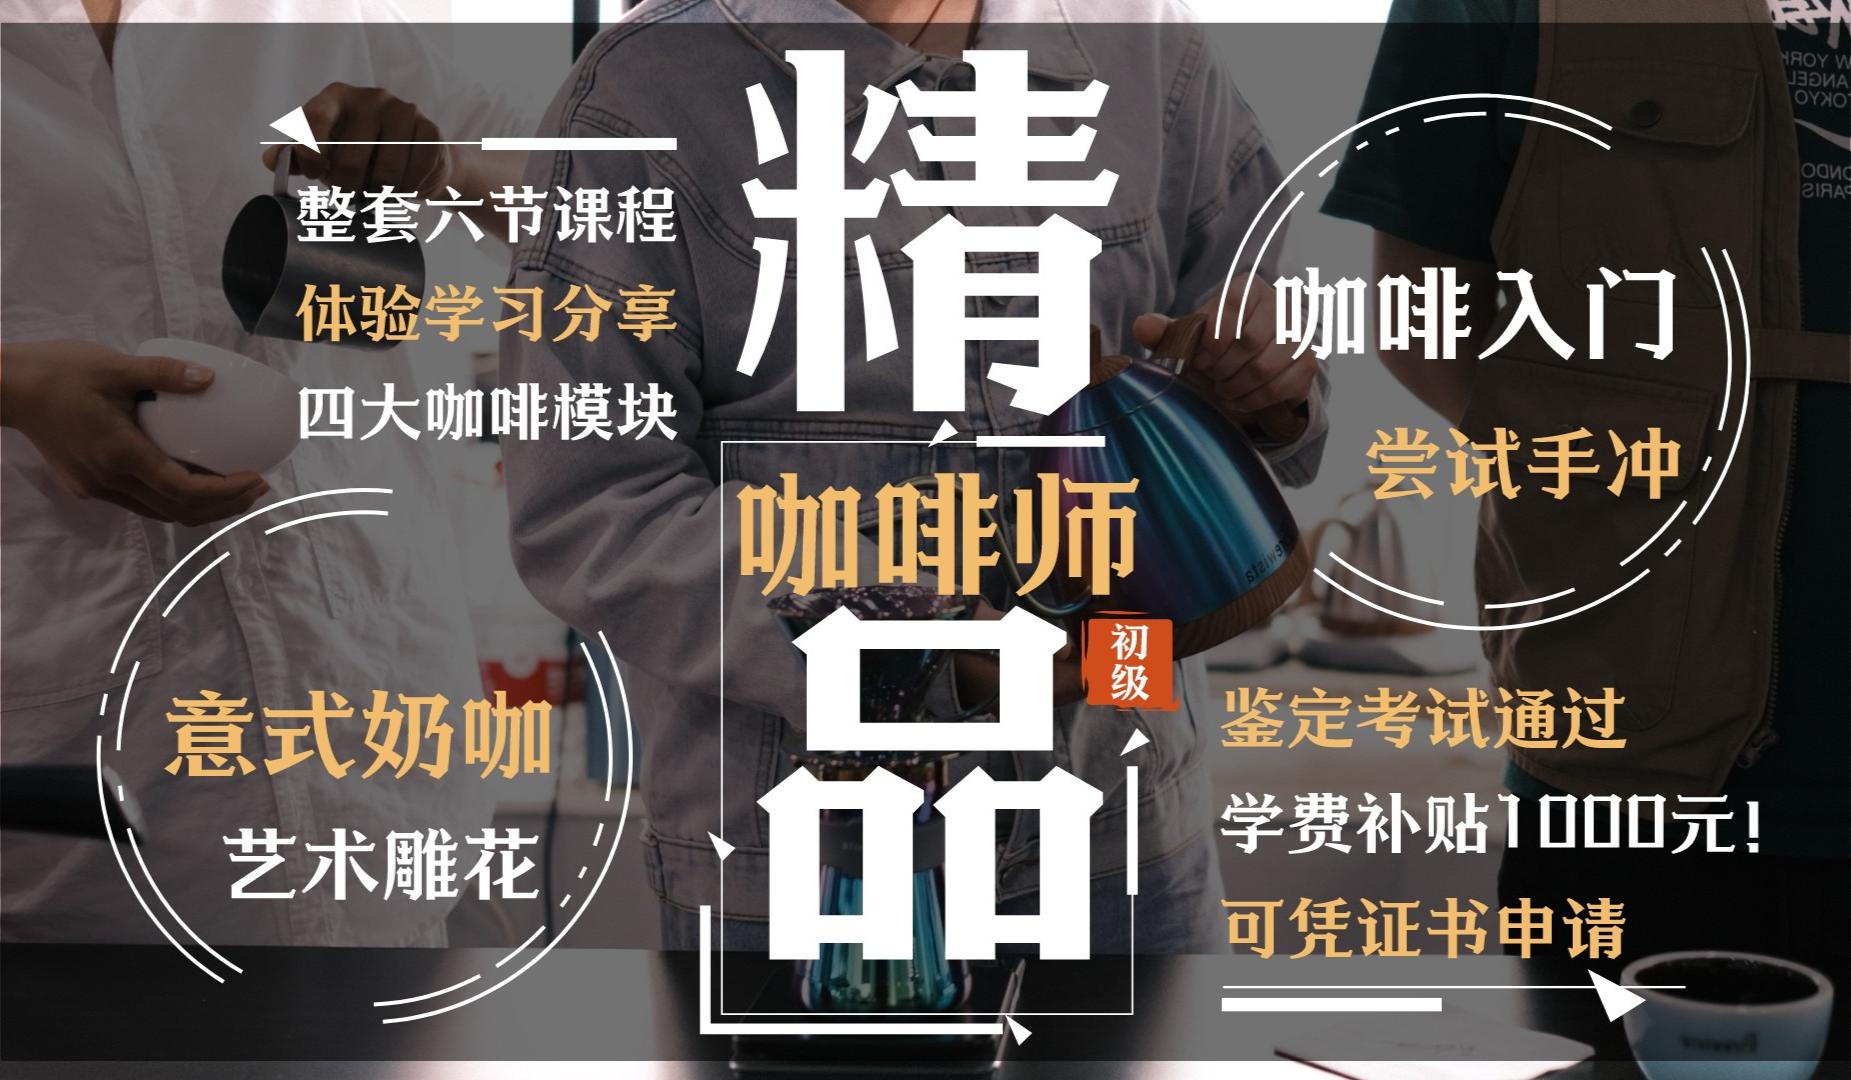 【徐汇 普陀 杨浦】精品咖啡师(初级)1000元课程补贴无要求 入门咖啡的不二之选